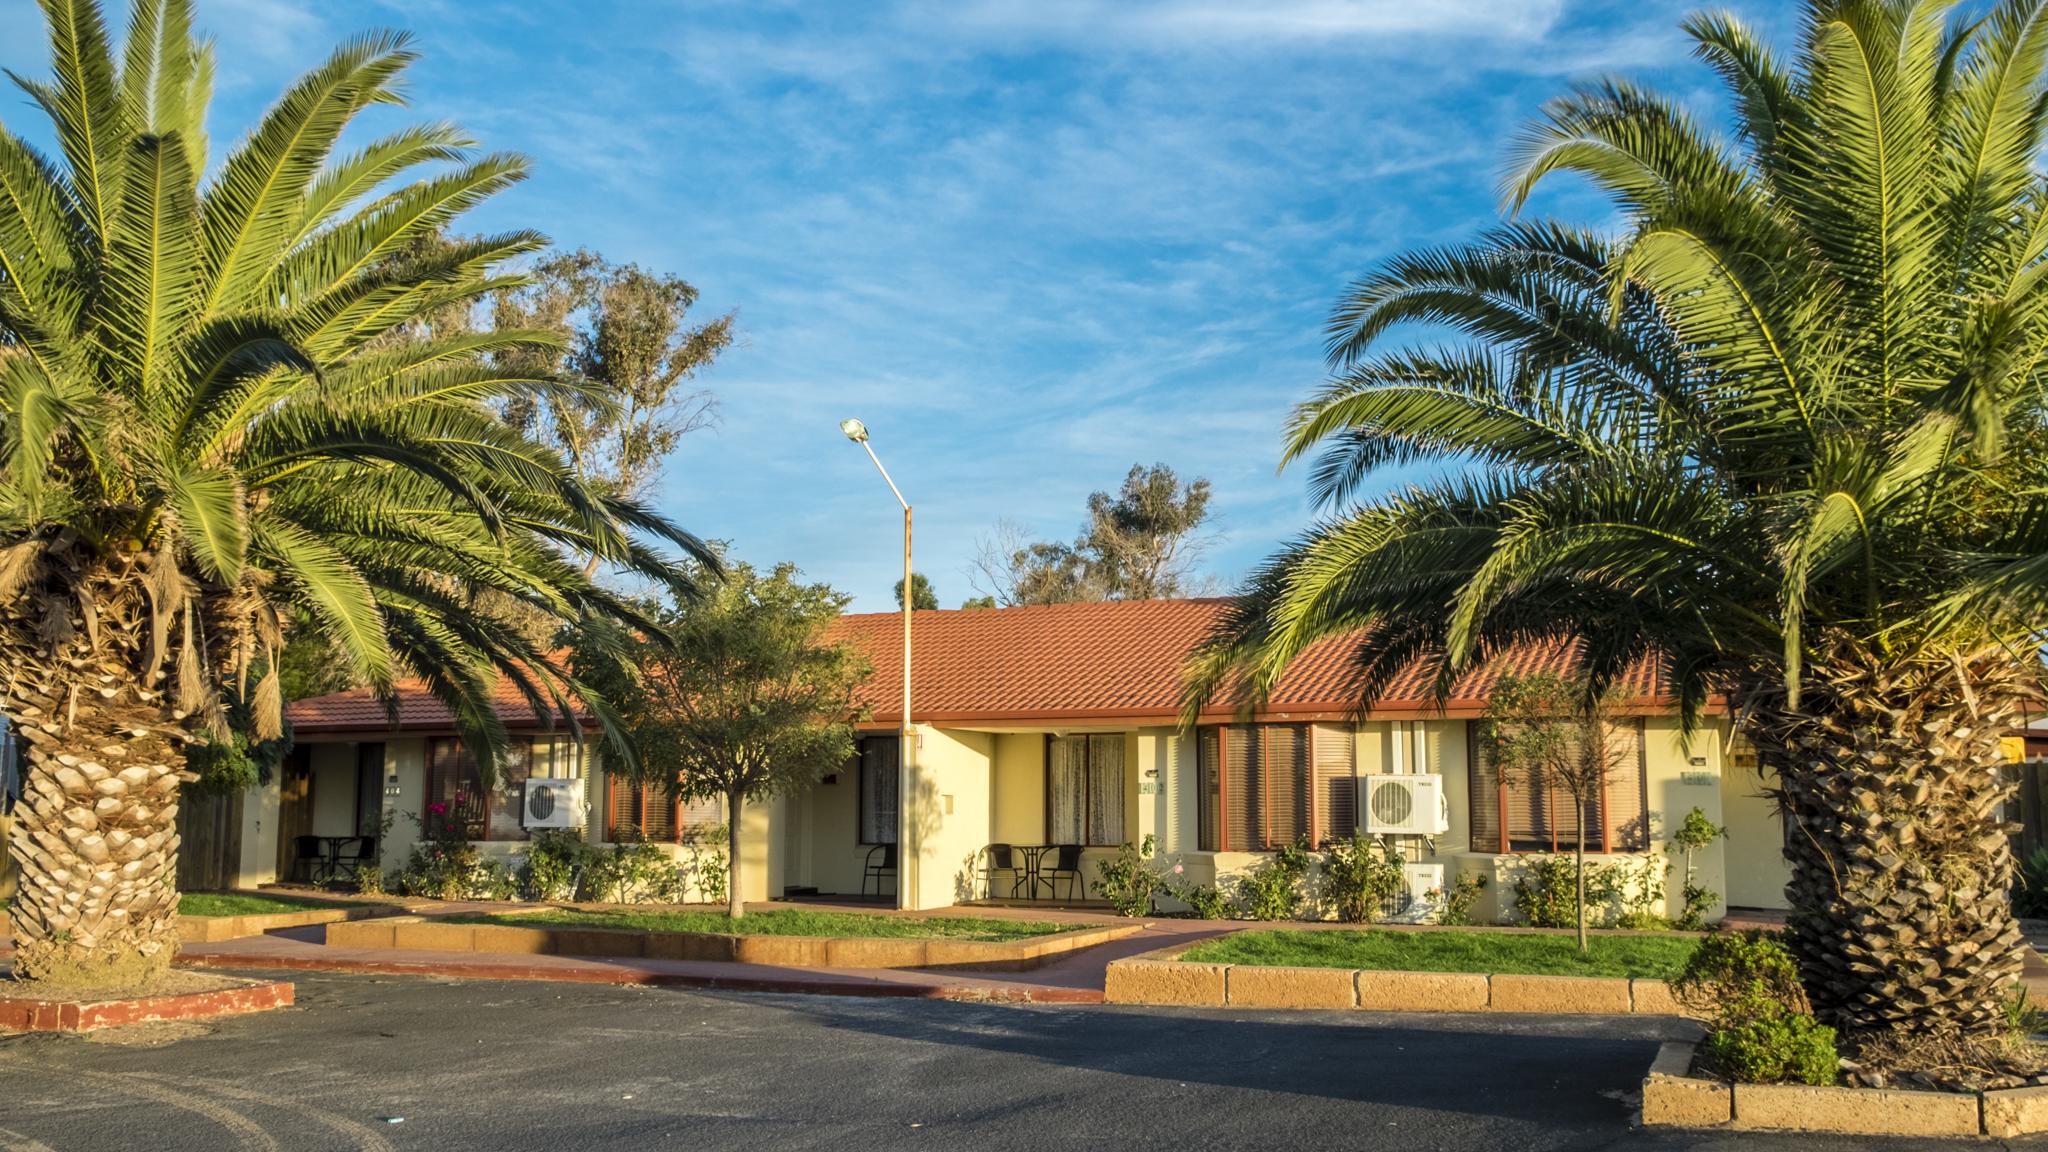 Motels Cabins Chalets | Bunbury | Australind Tourist Park